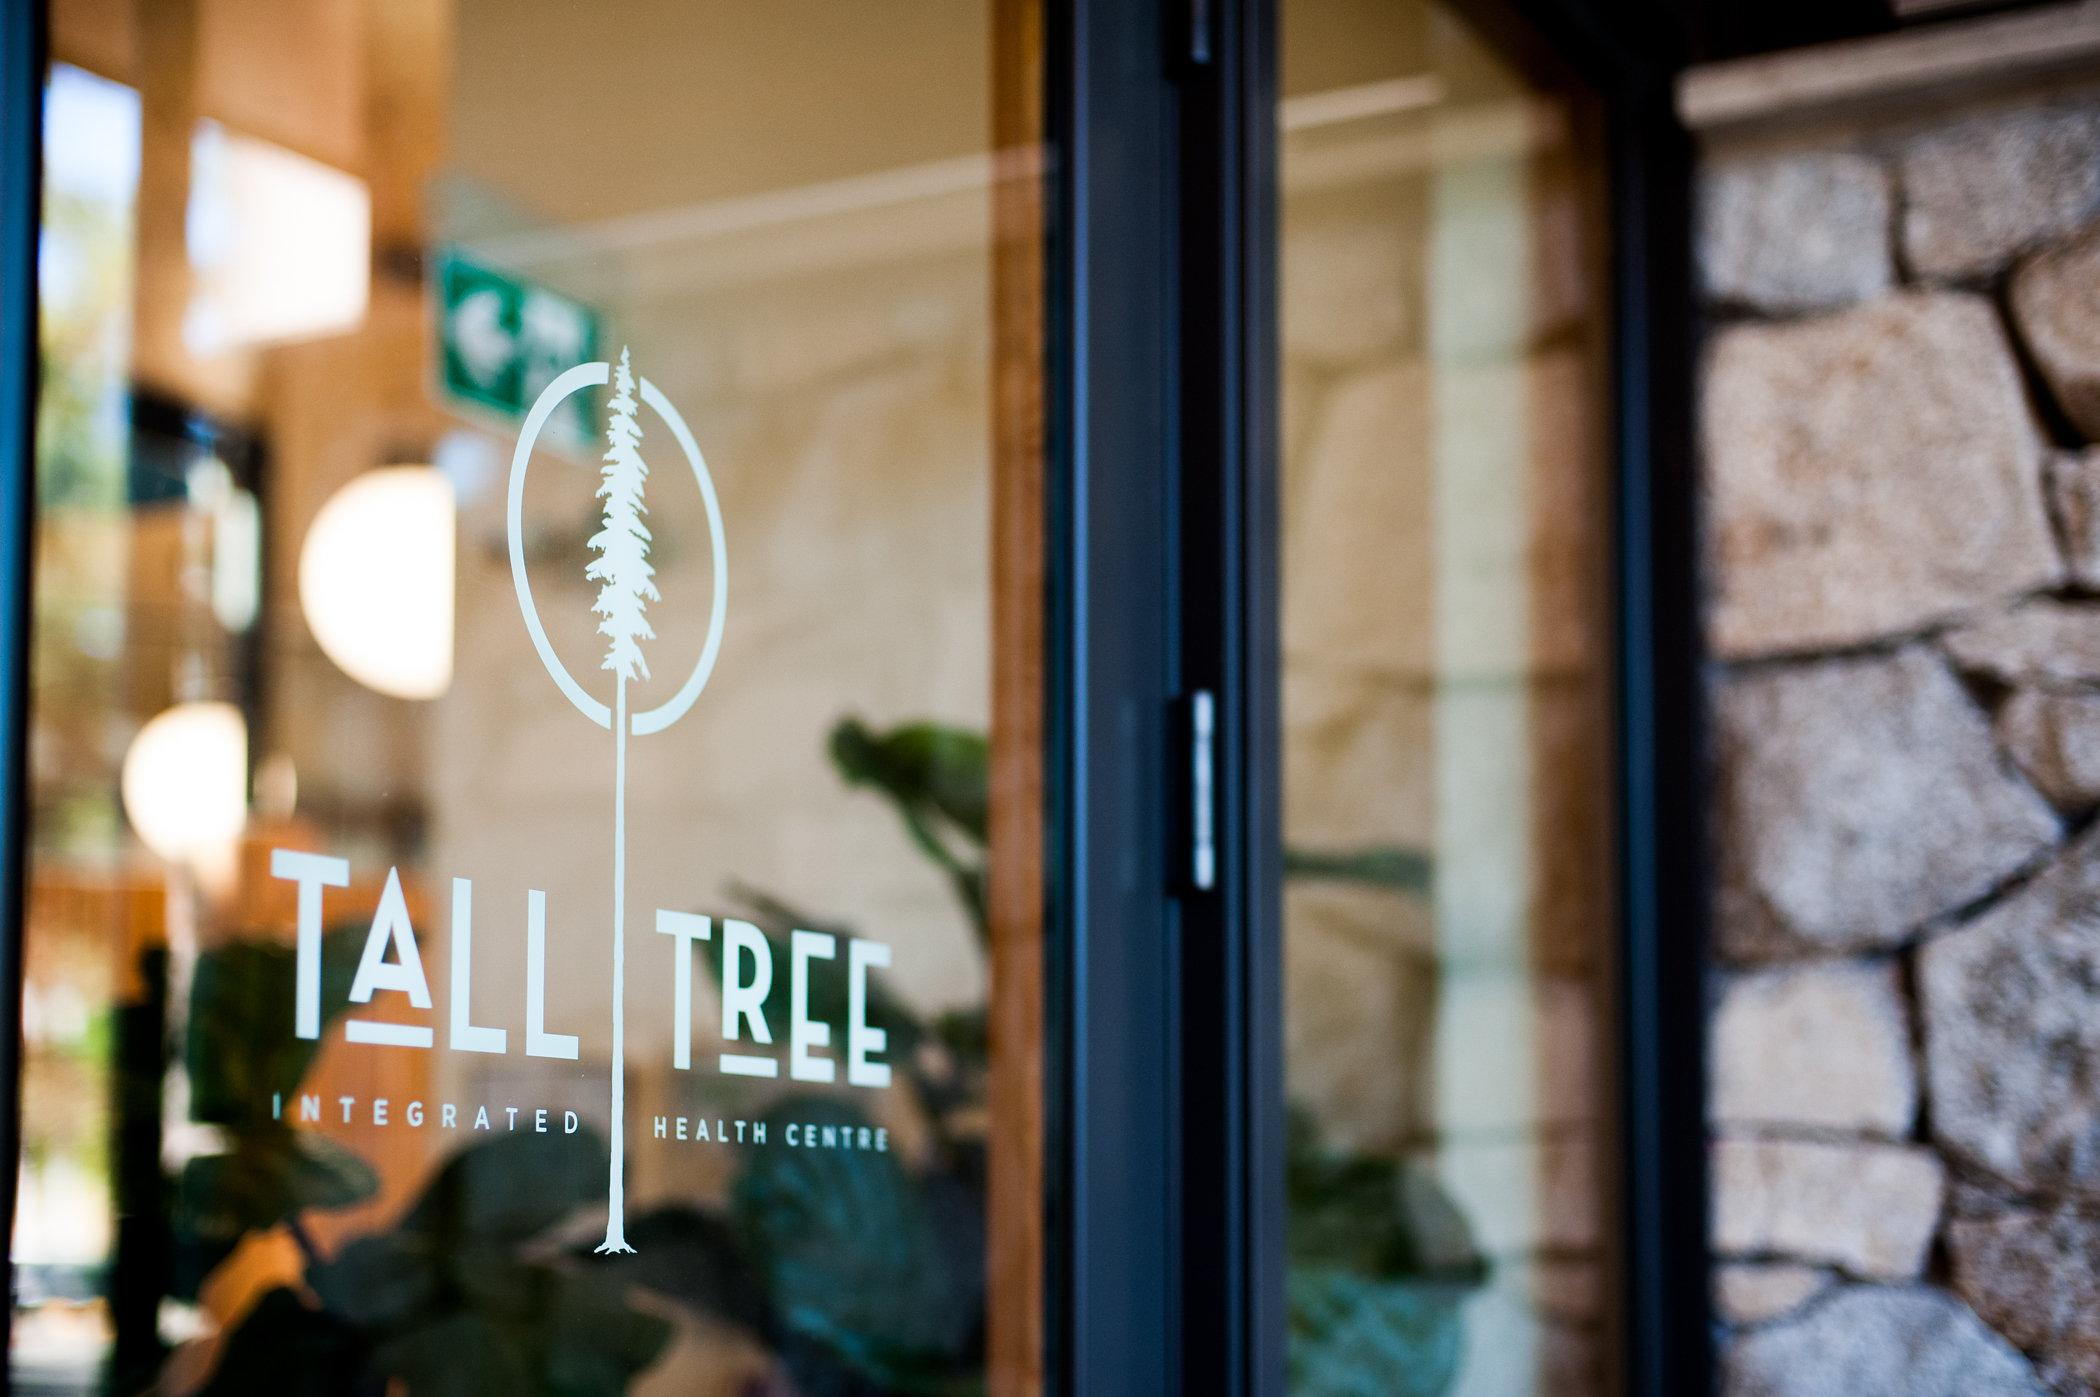 Tall Tree piccc.jpg